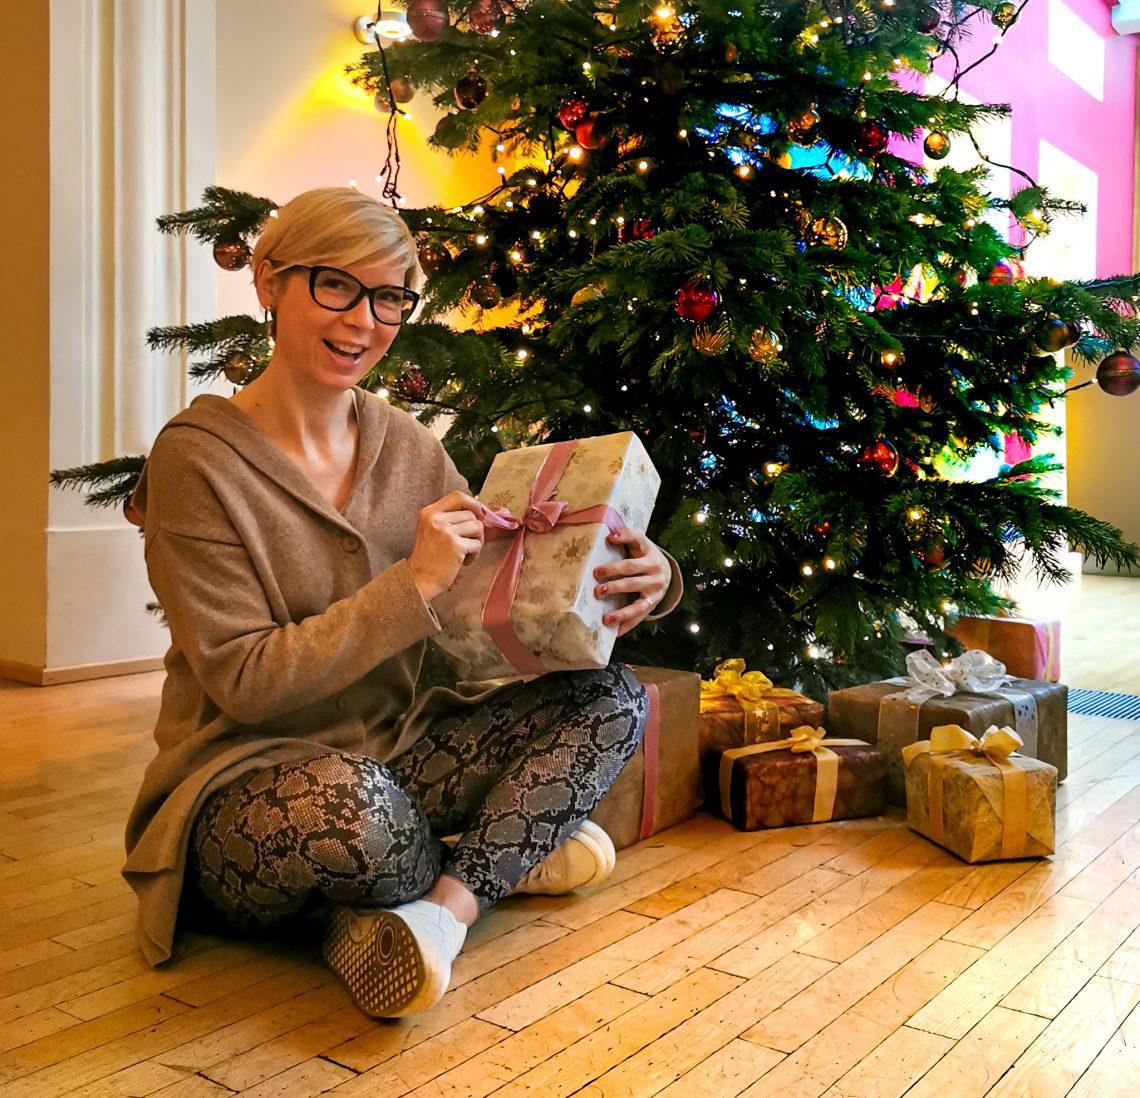 conny doll lifestyle: Weihnachten, Weihnachtsbaum, Weihnachtswerbespot, Geschenke, 2019